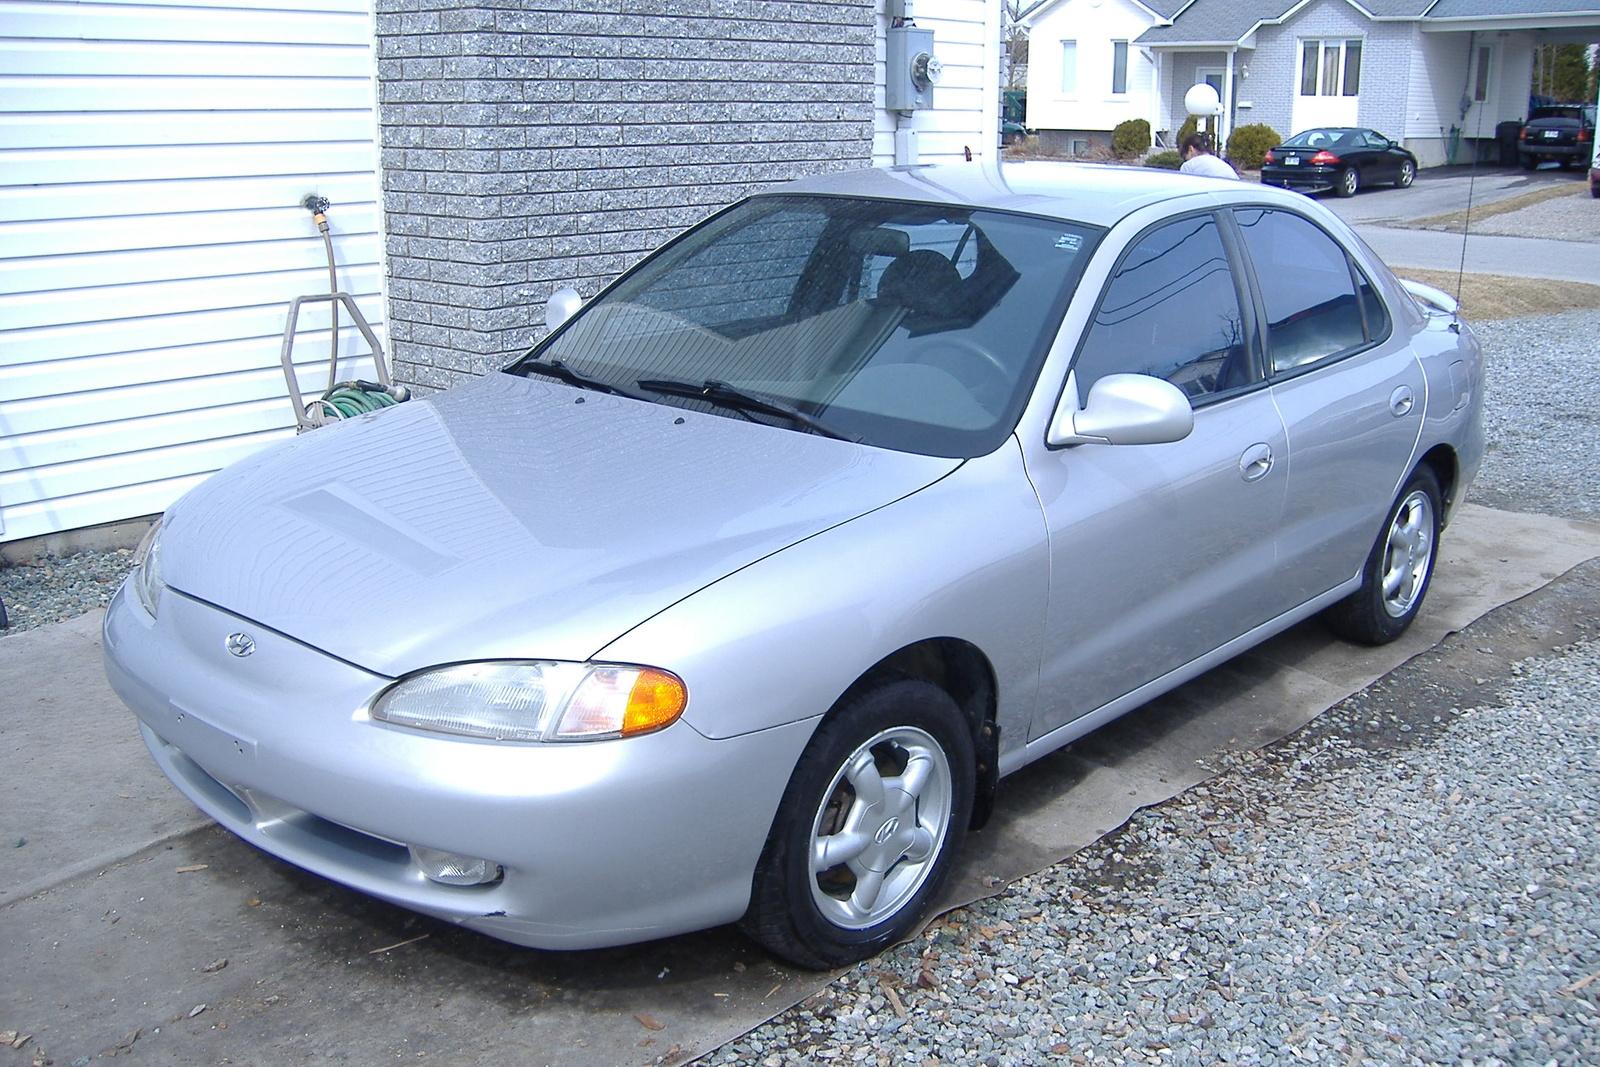 1998 Hyundai Elantra Pictures Cargurus